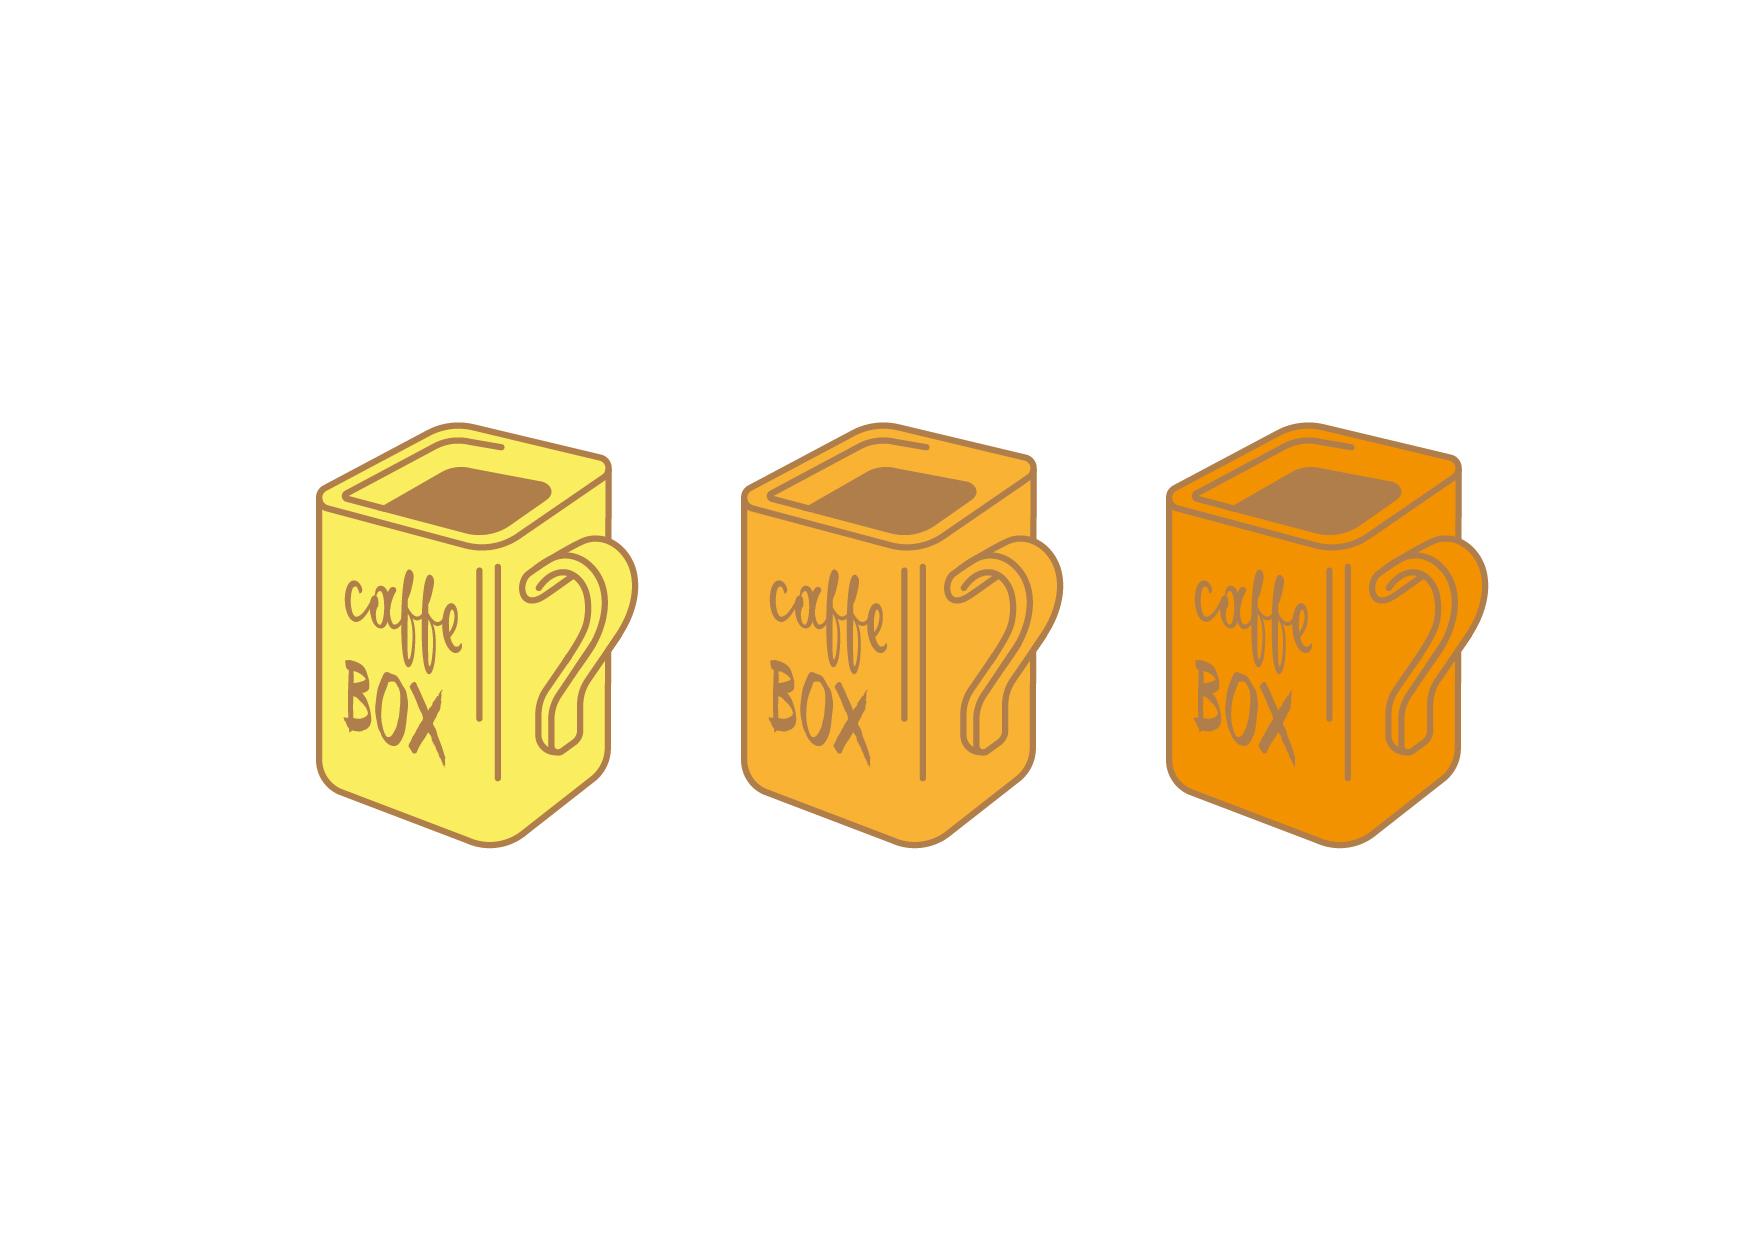 Требуется очень срочно разработать логотип кофейни! фото f_4455a0dabb69f948.jpg